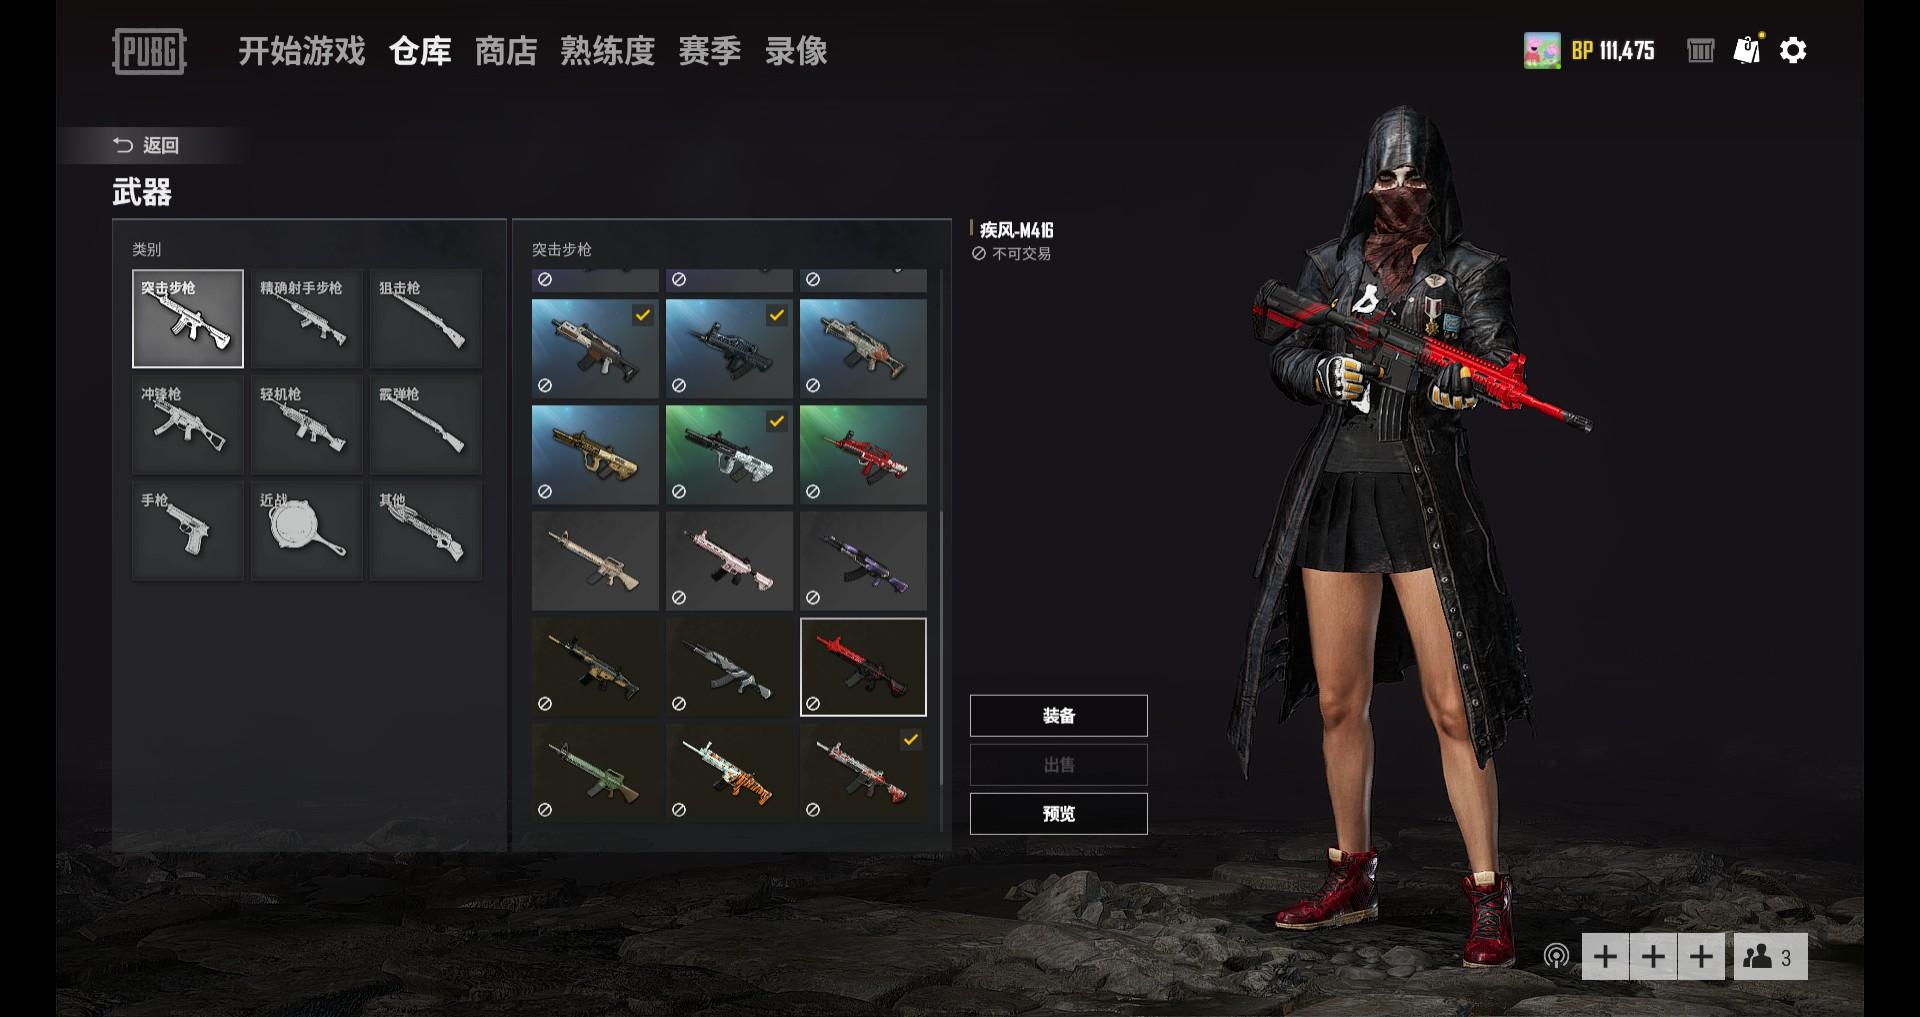 疾风M4 (2)